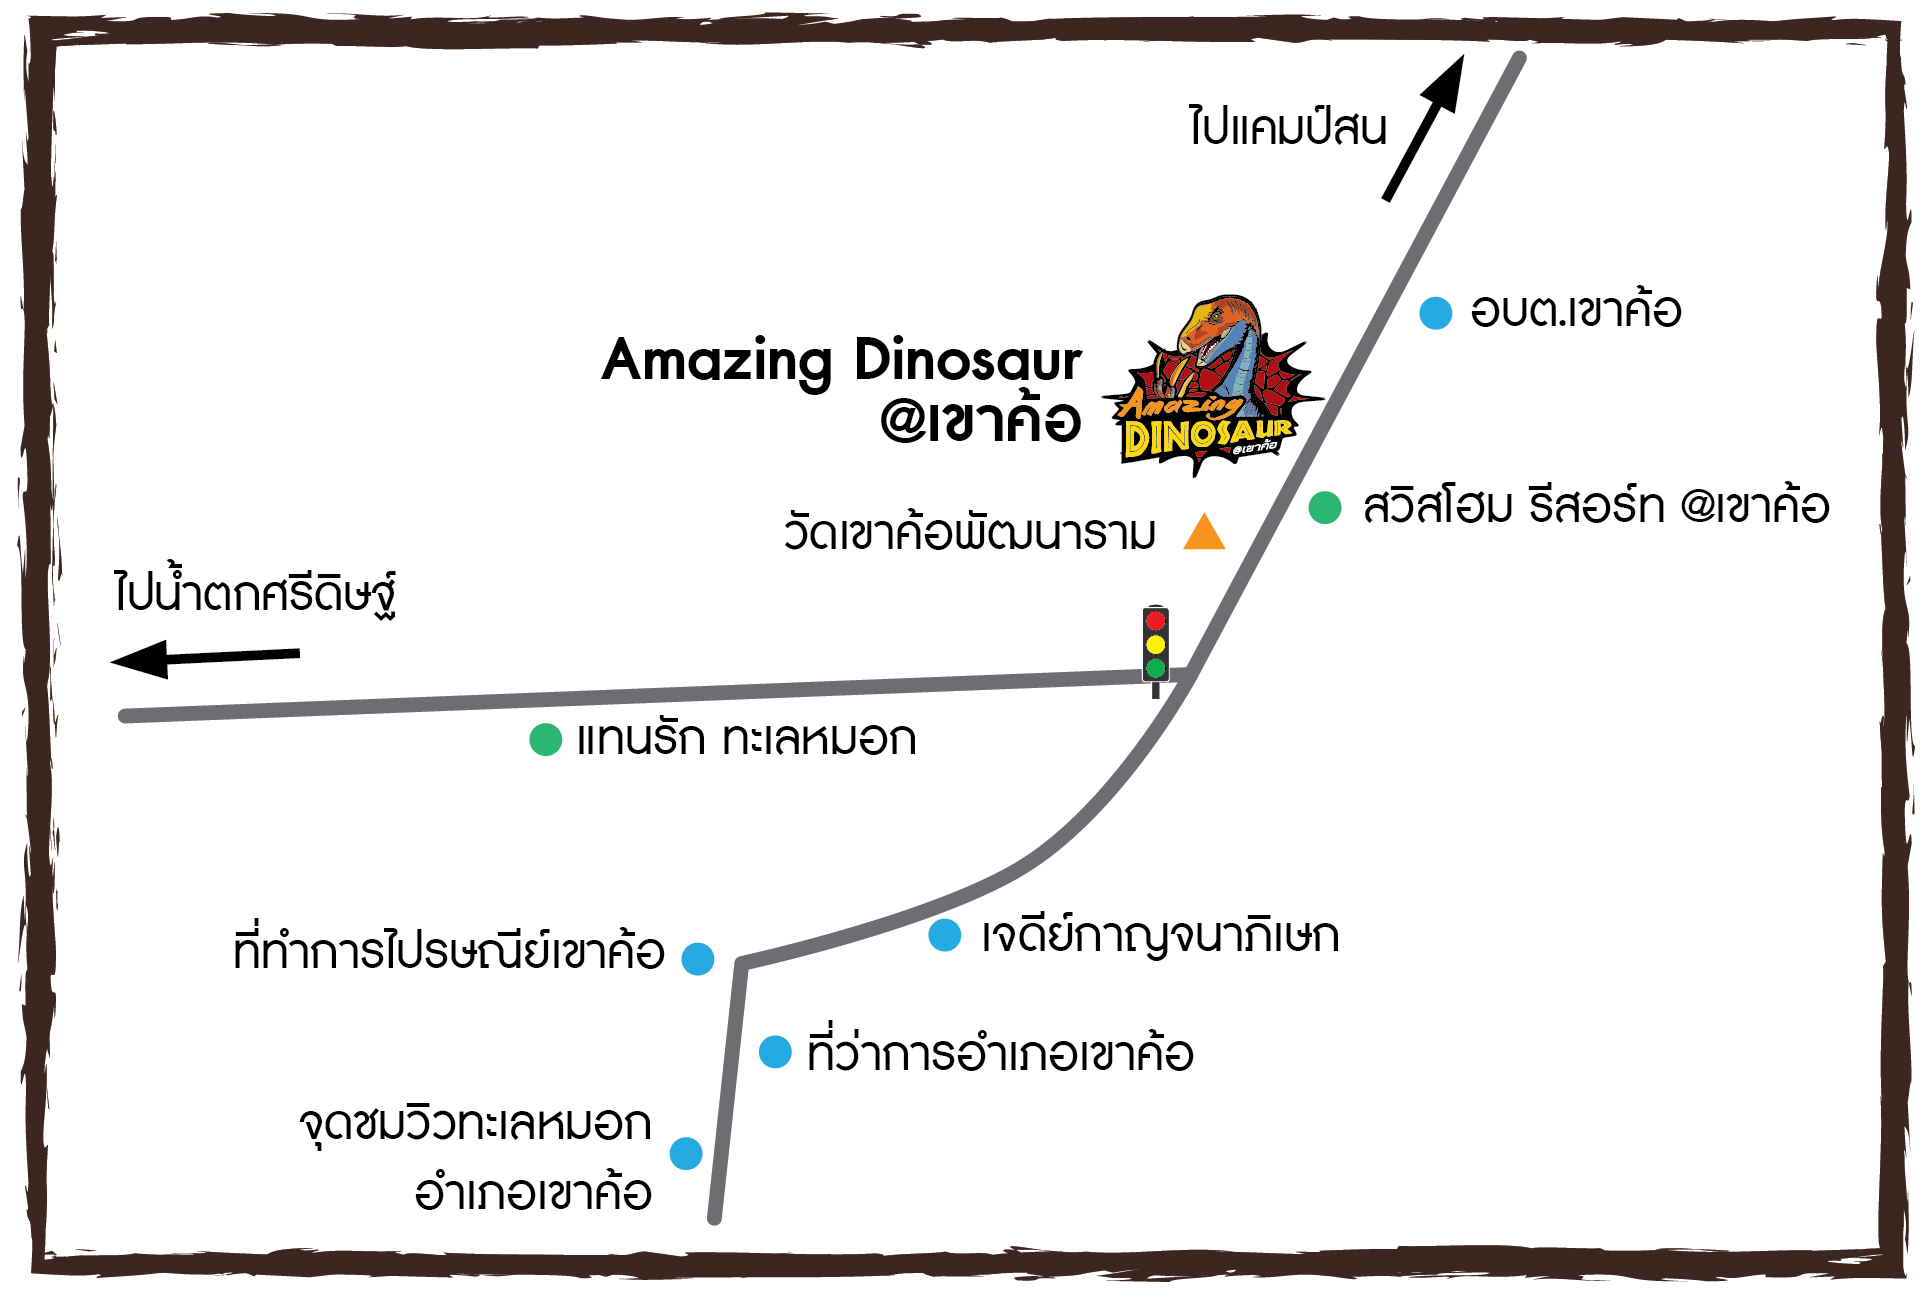 แผนที่ ไดโนเสาร์ เขาค้อ